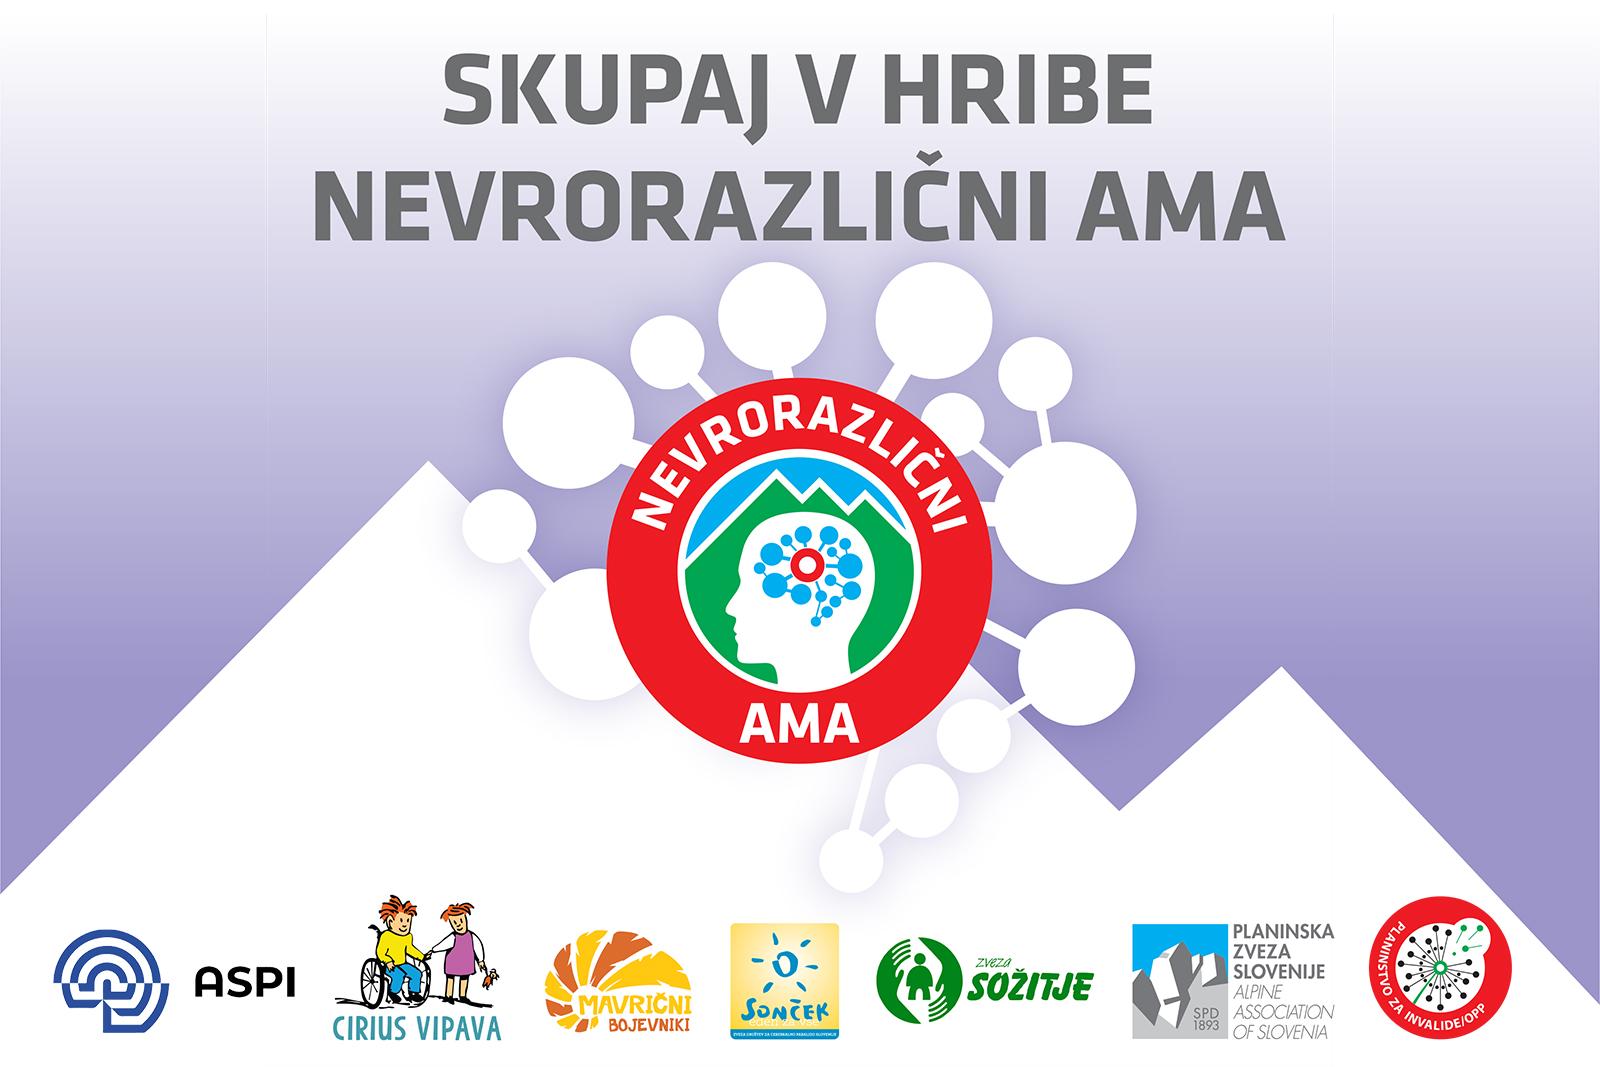 Skupaj_v_hribe_nevrorazlicni_AMA_2021_Pin_OPP_PZS